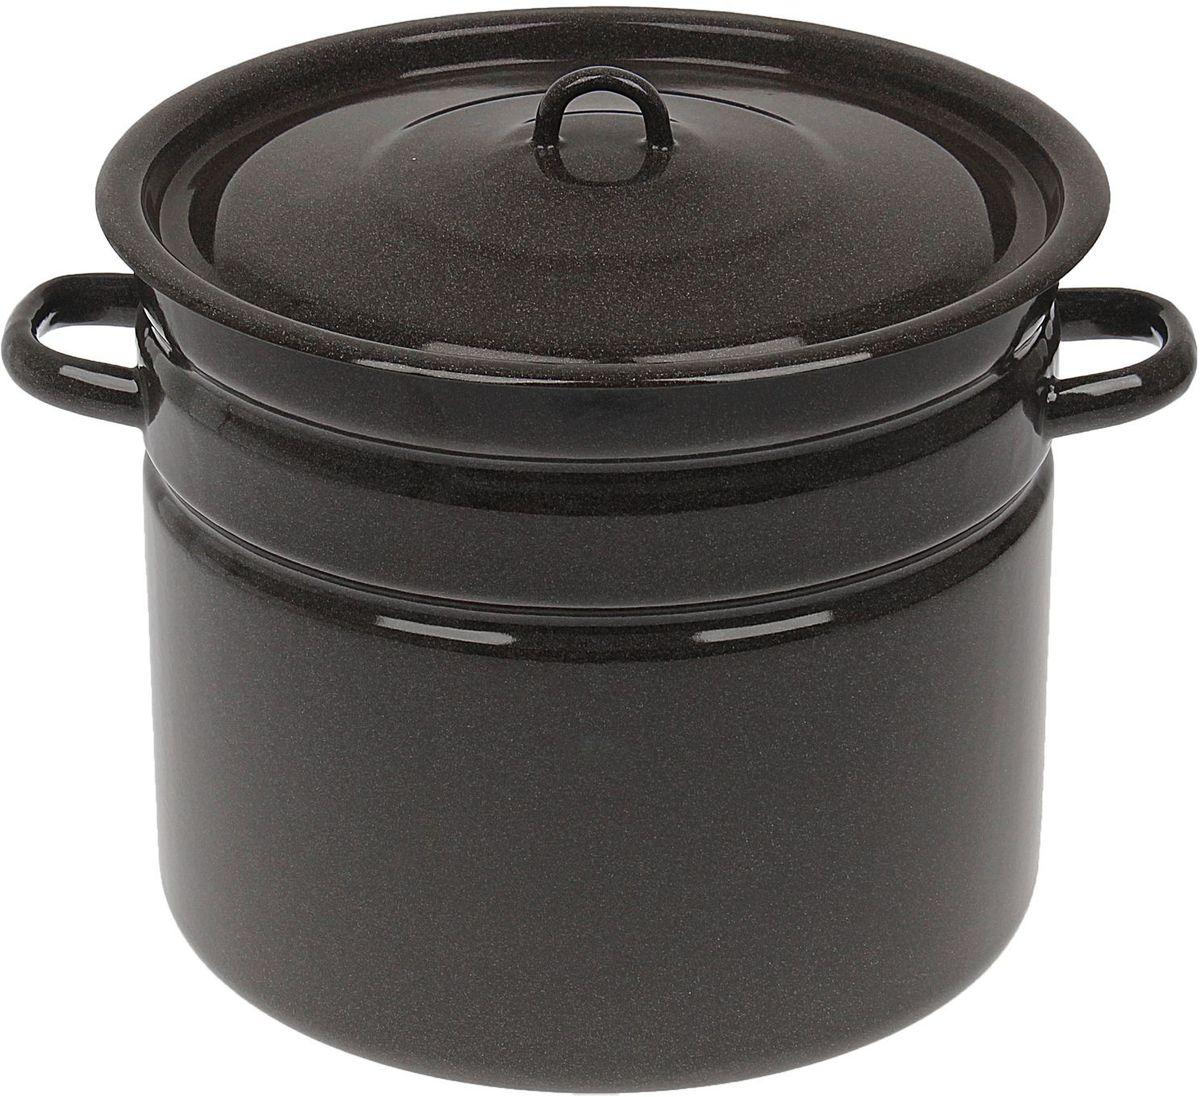 Бак Epos, 20 л1444528Эмалированная посудая пригодится вам для быстрого приготовления разных типов блюд. Такая посуда подходит для домашнего и профессионального использования.Достоинства:посуда быстро и равномерно нагревается;корпус стоек к ржавчине;изделие легко отмывается в посудомоечной машине.Благодаря приятным цветам кастрюля удачно впишется в любой дизайн интерьера. Наилучшее качество покрытия достигается за счёт того, что посуда проходит обжиг при температуре до 800 градусов.Чтобы предмет сохранял наилучшие эксплуатационные свойства, соблюдайте правила ухода:избегайте ударов и падений;не пользуйтесь высокоабразивными чистящими средствами;не допускайте резких перепадов температуры.Посуда подходит для долговременного хранения пищи.